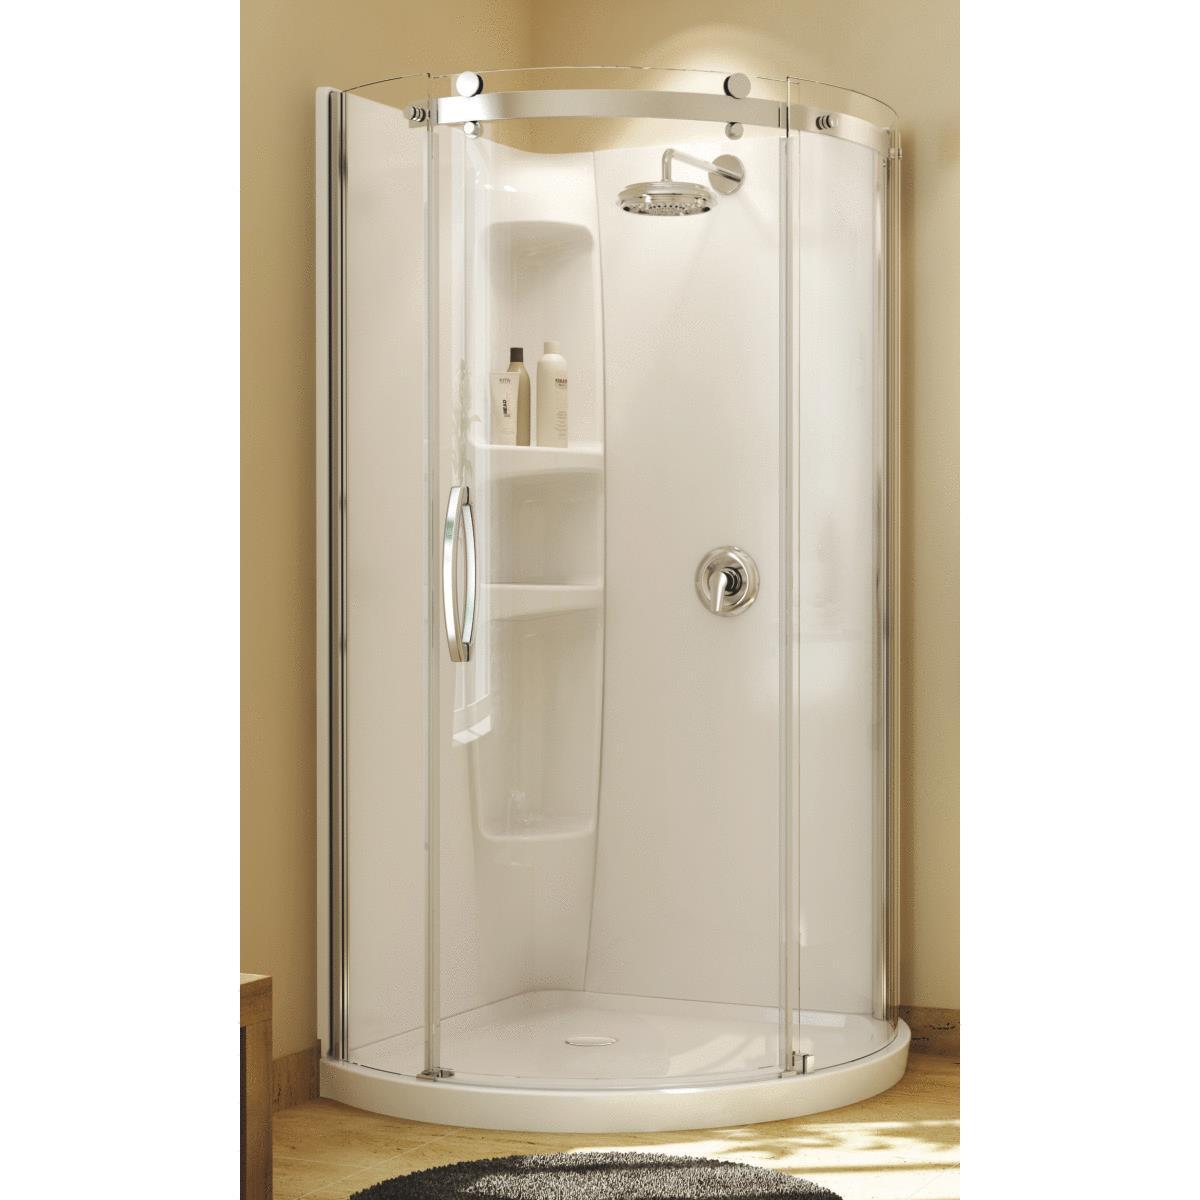 Buy Maax Olympia Corner Shower Door